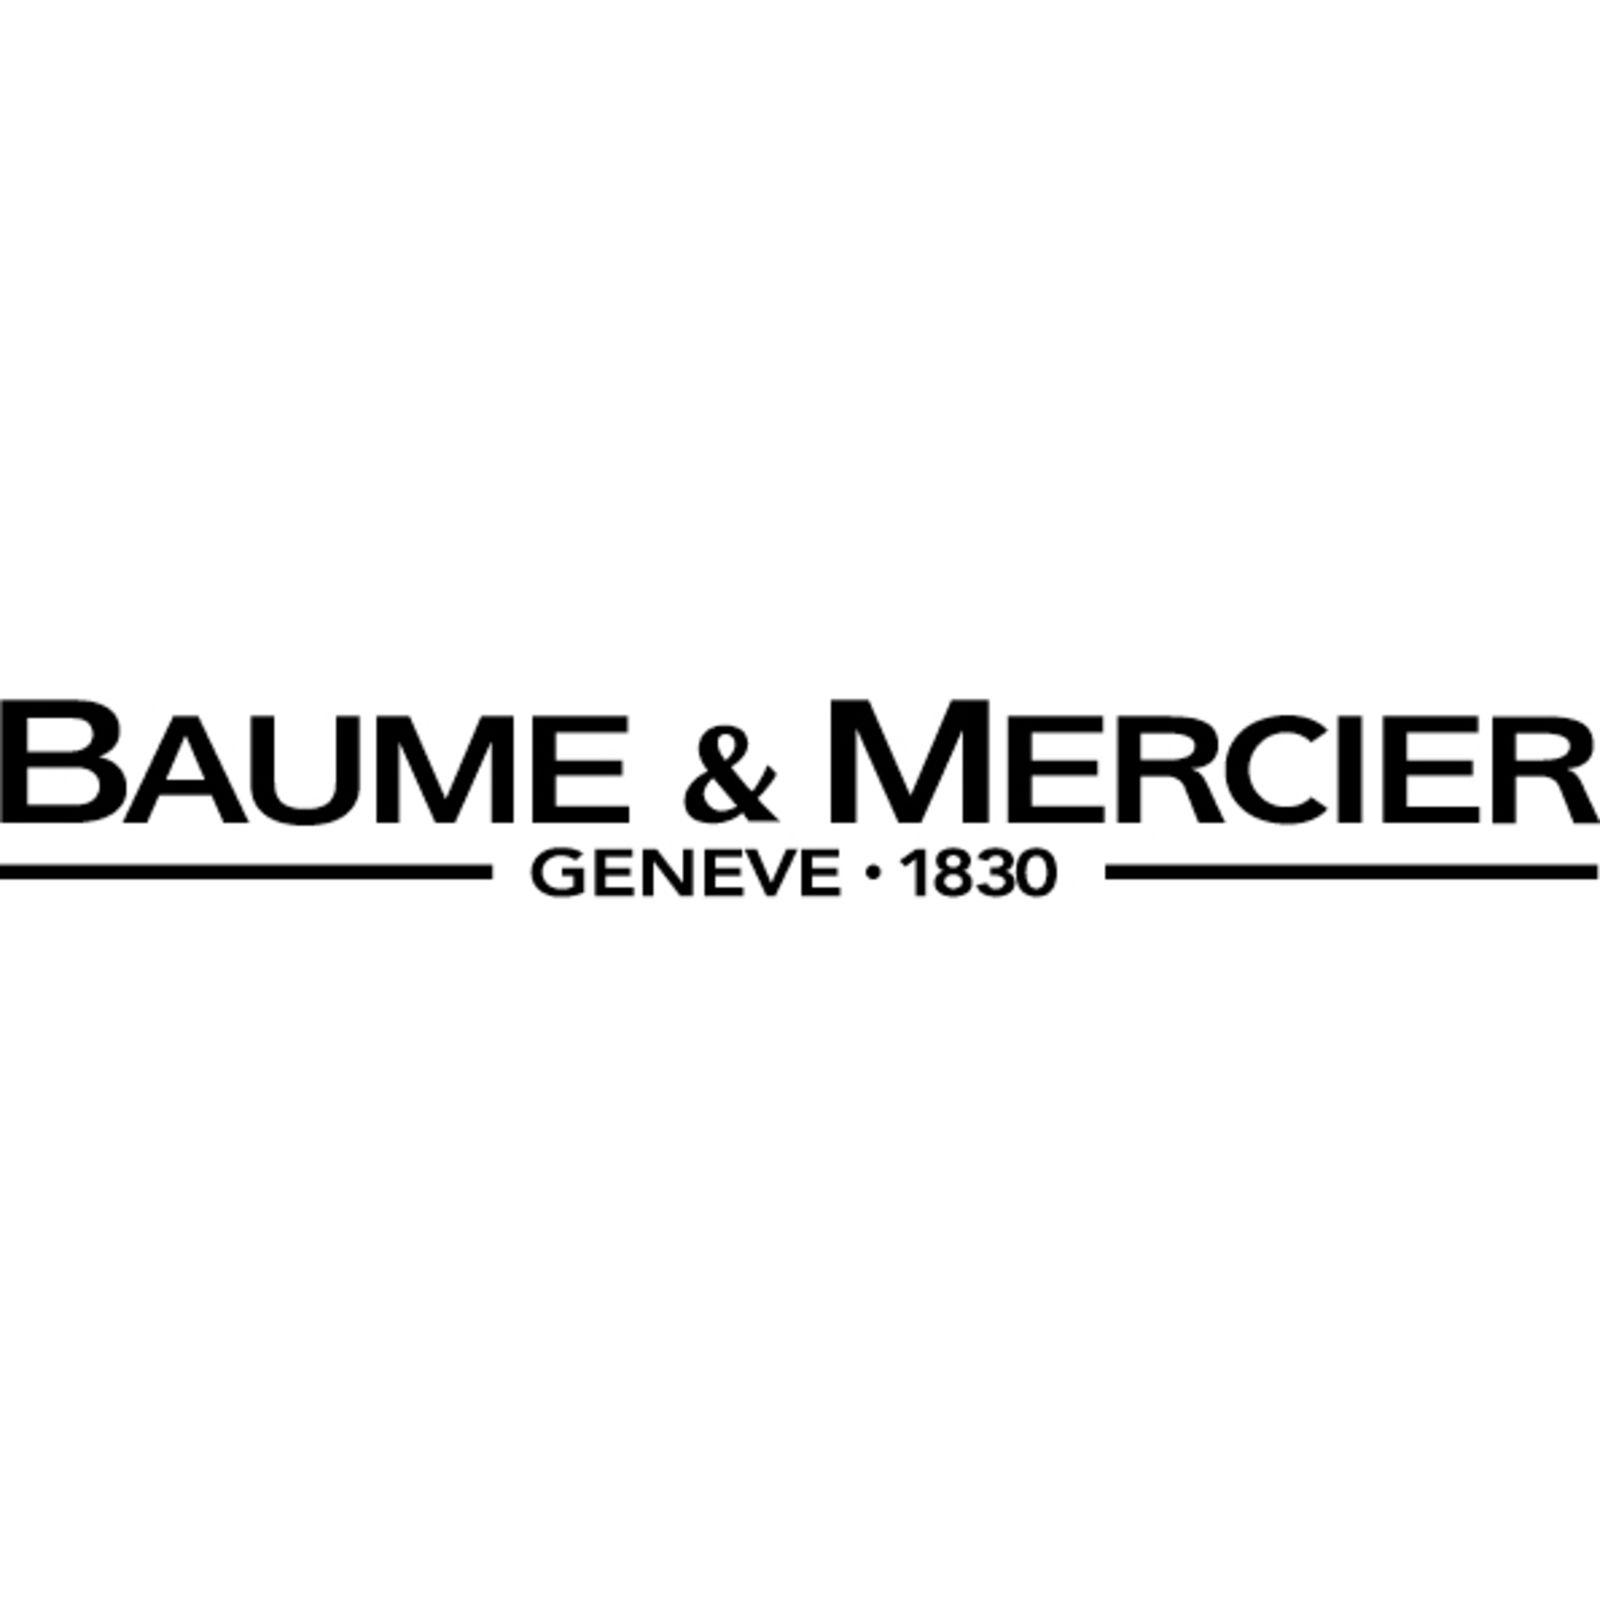 BAUME & MERCIER (Image 1)